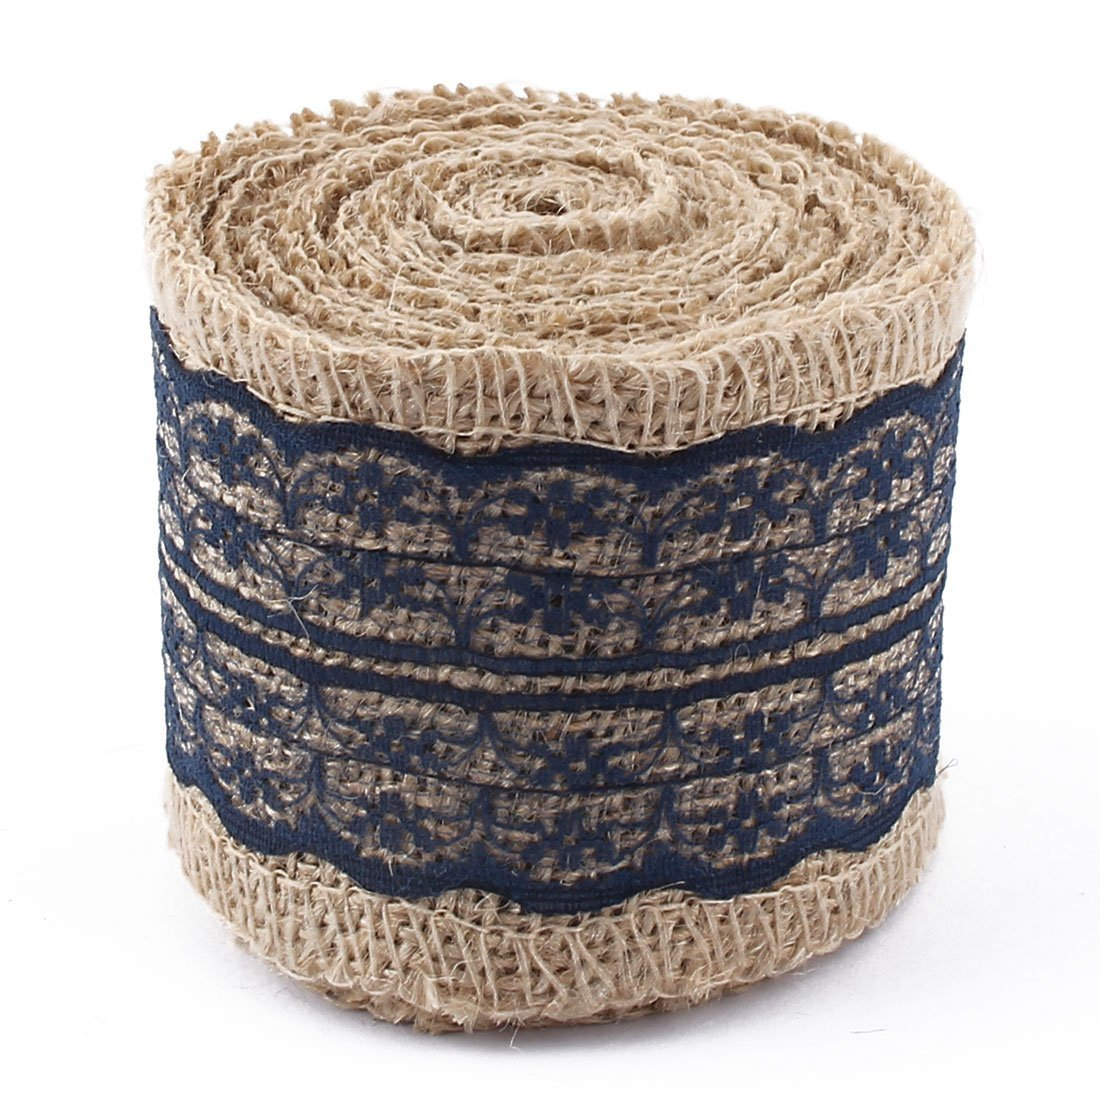 Amazon.com: eDealMax arpillera Navidad casera DIY embalaje de Regalo de embalaje del ornamento del arte de la Cinta del Rollo de Cinta Azul Marino: Health ...